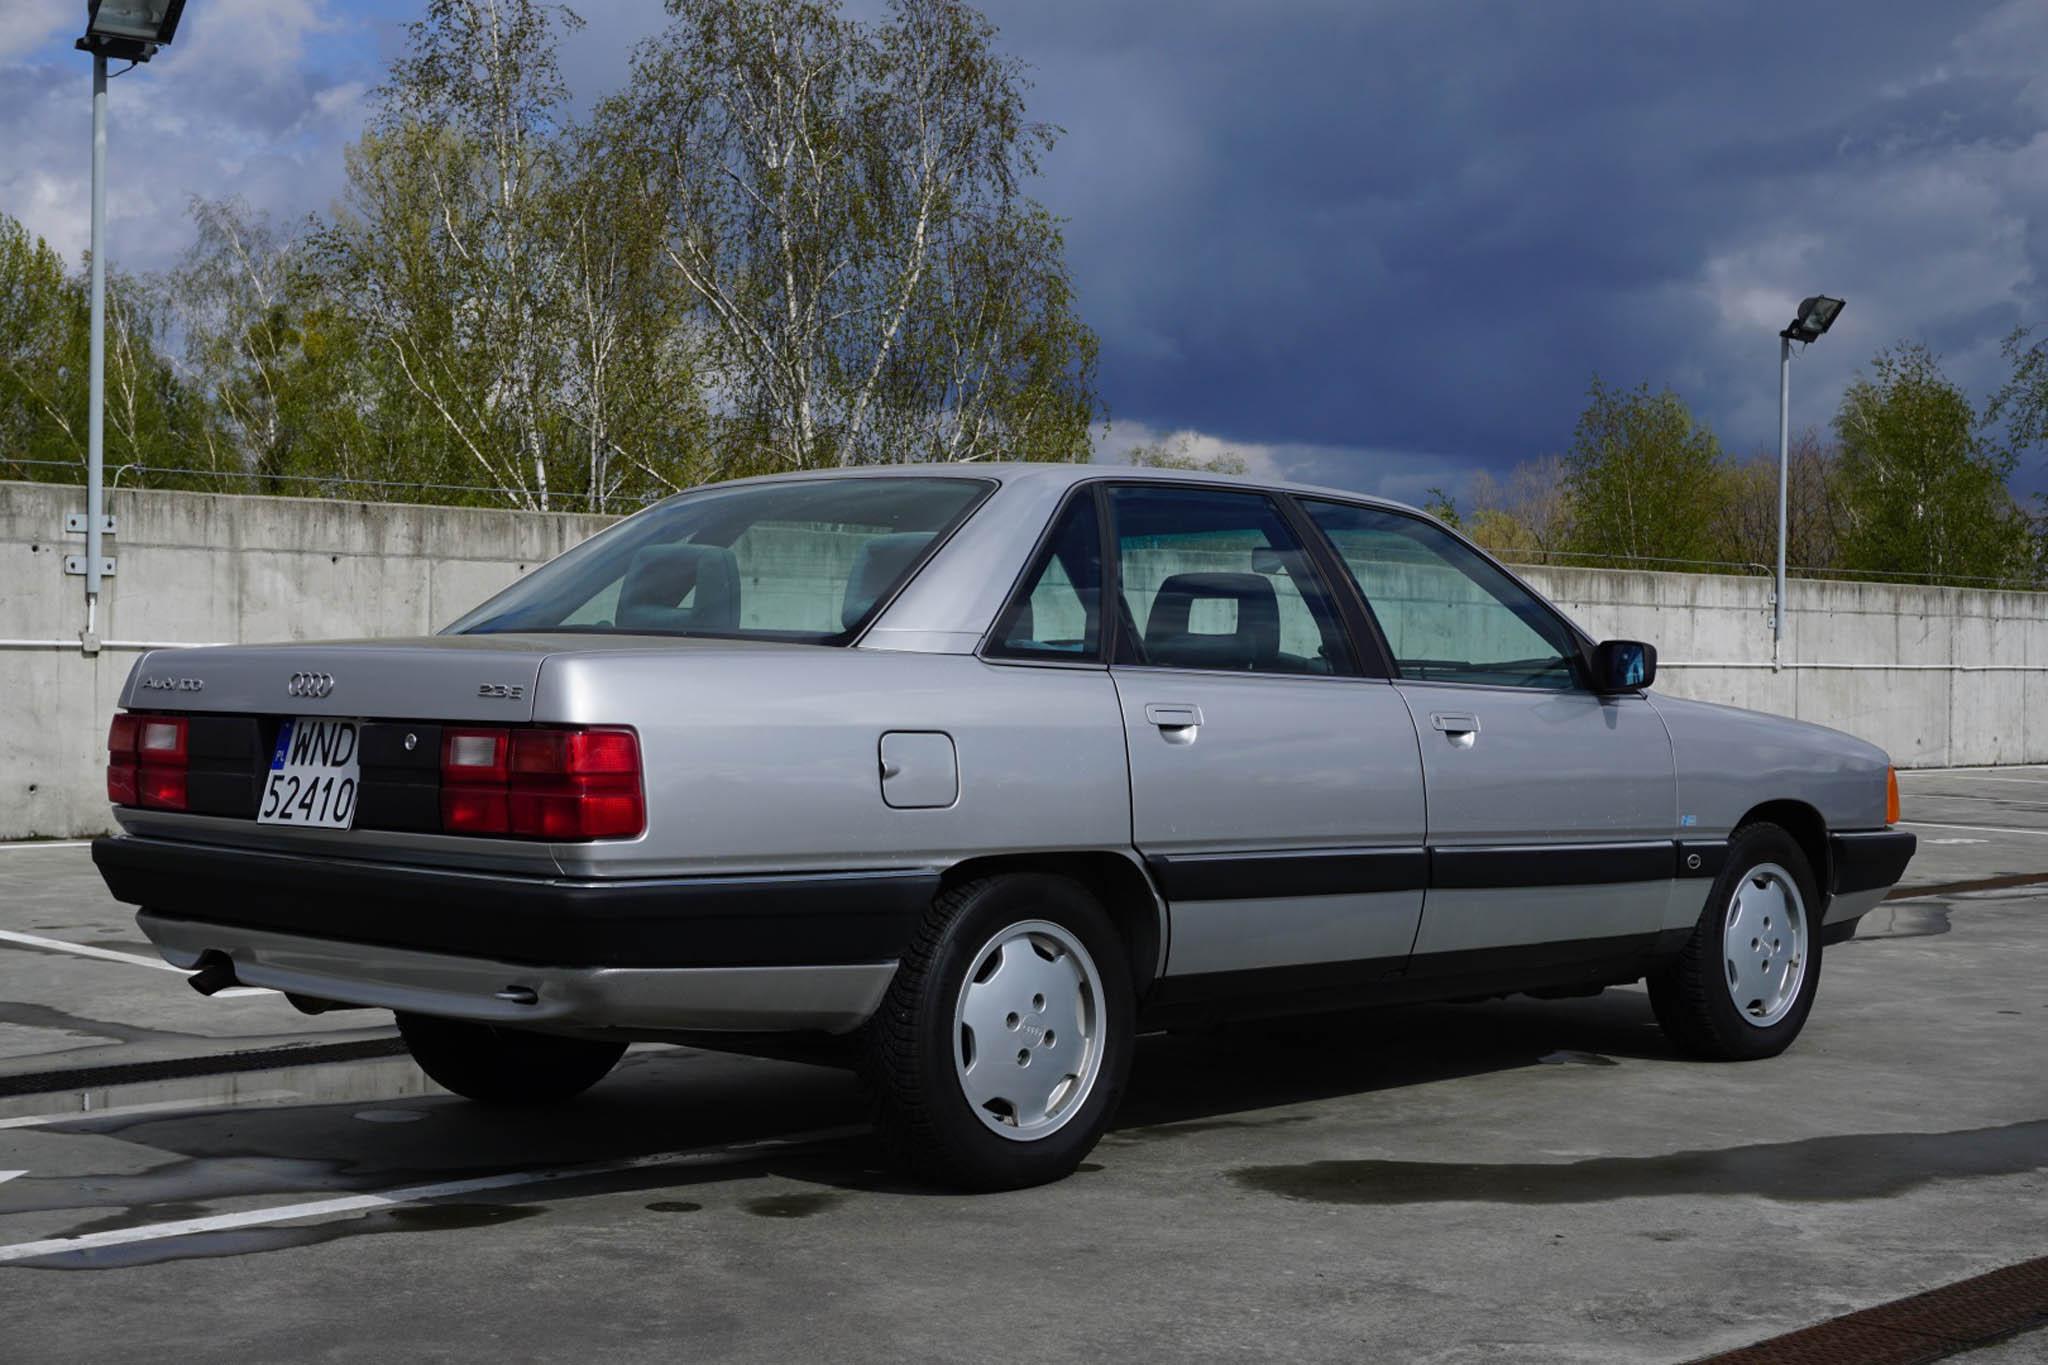 Audi 100 C3 1990 - 14700 PLN - Warszawa | Giełda klasyków